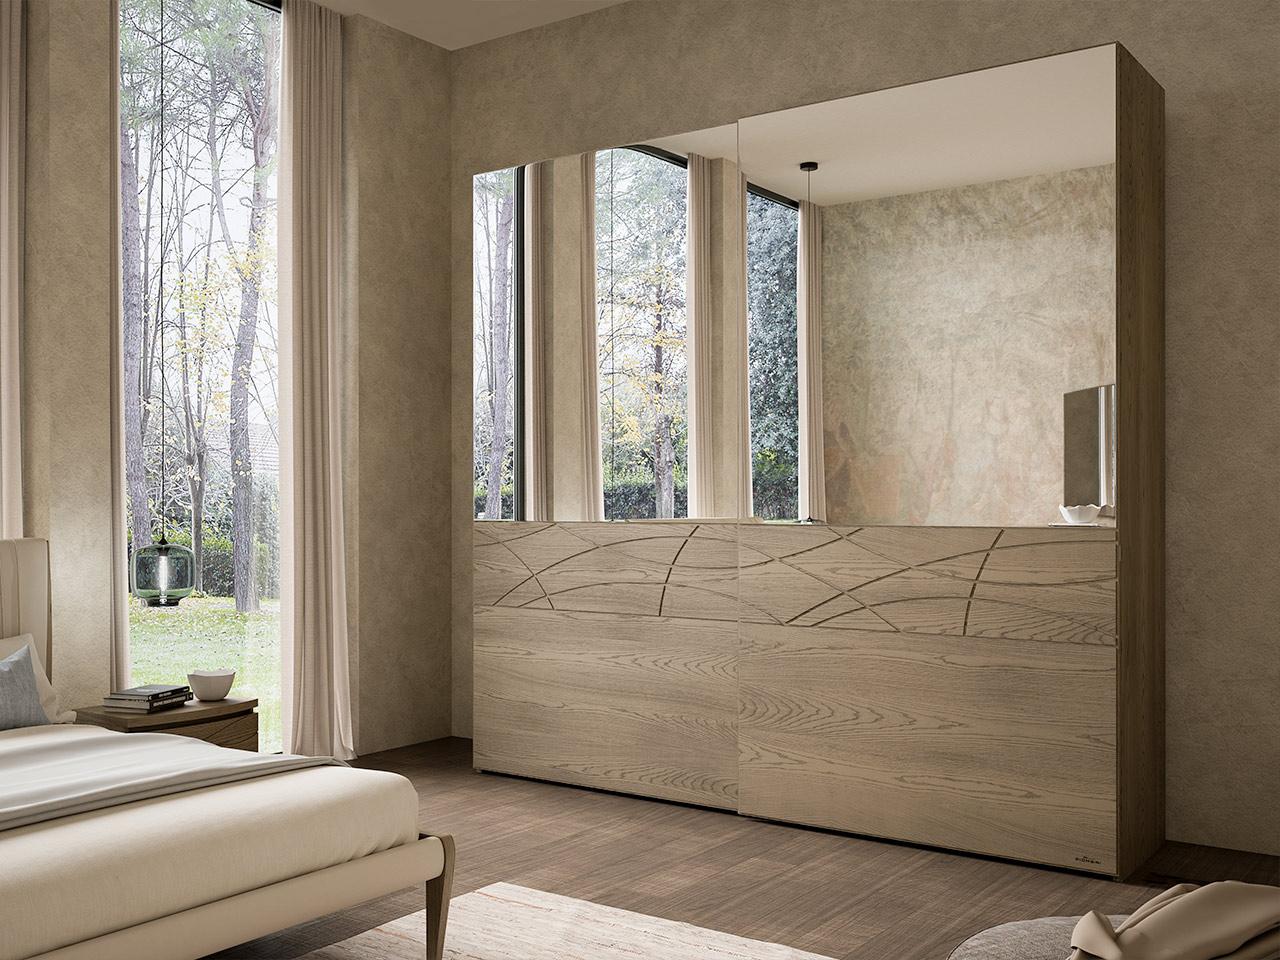 Camere Da Letto Bruno Piombini - Mobili Incardone